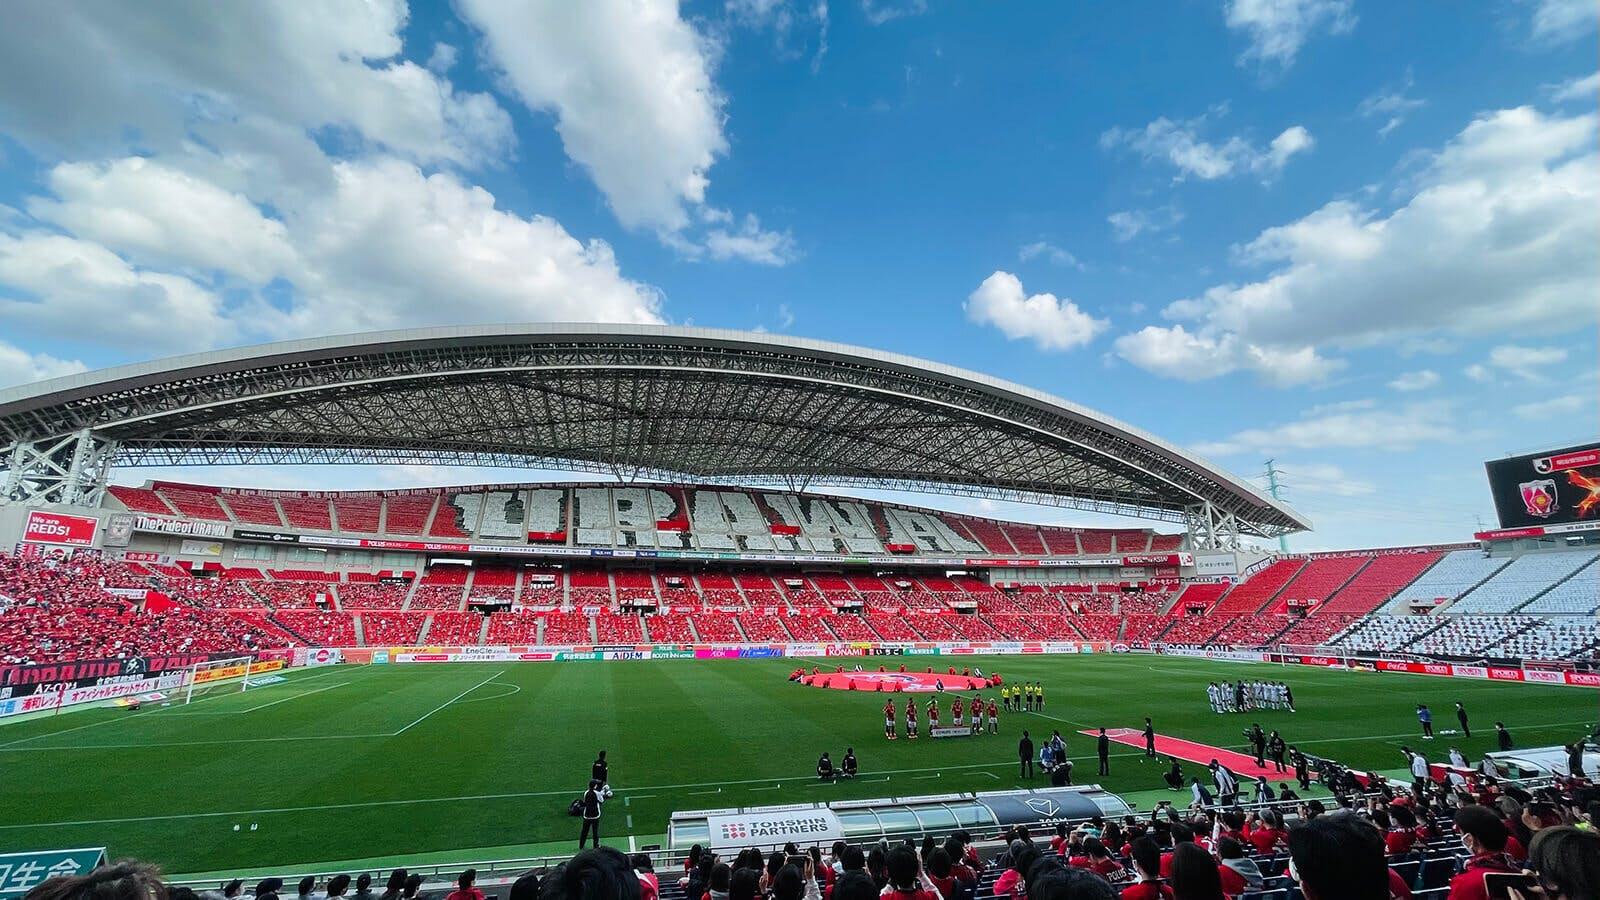 2021 Jリーグ 第7節 埼玉スタジアム2002 鹿島アントラーズ戦